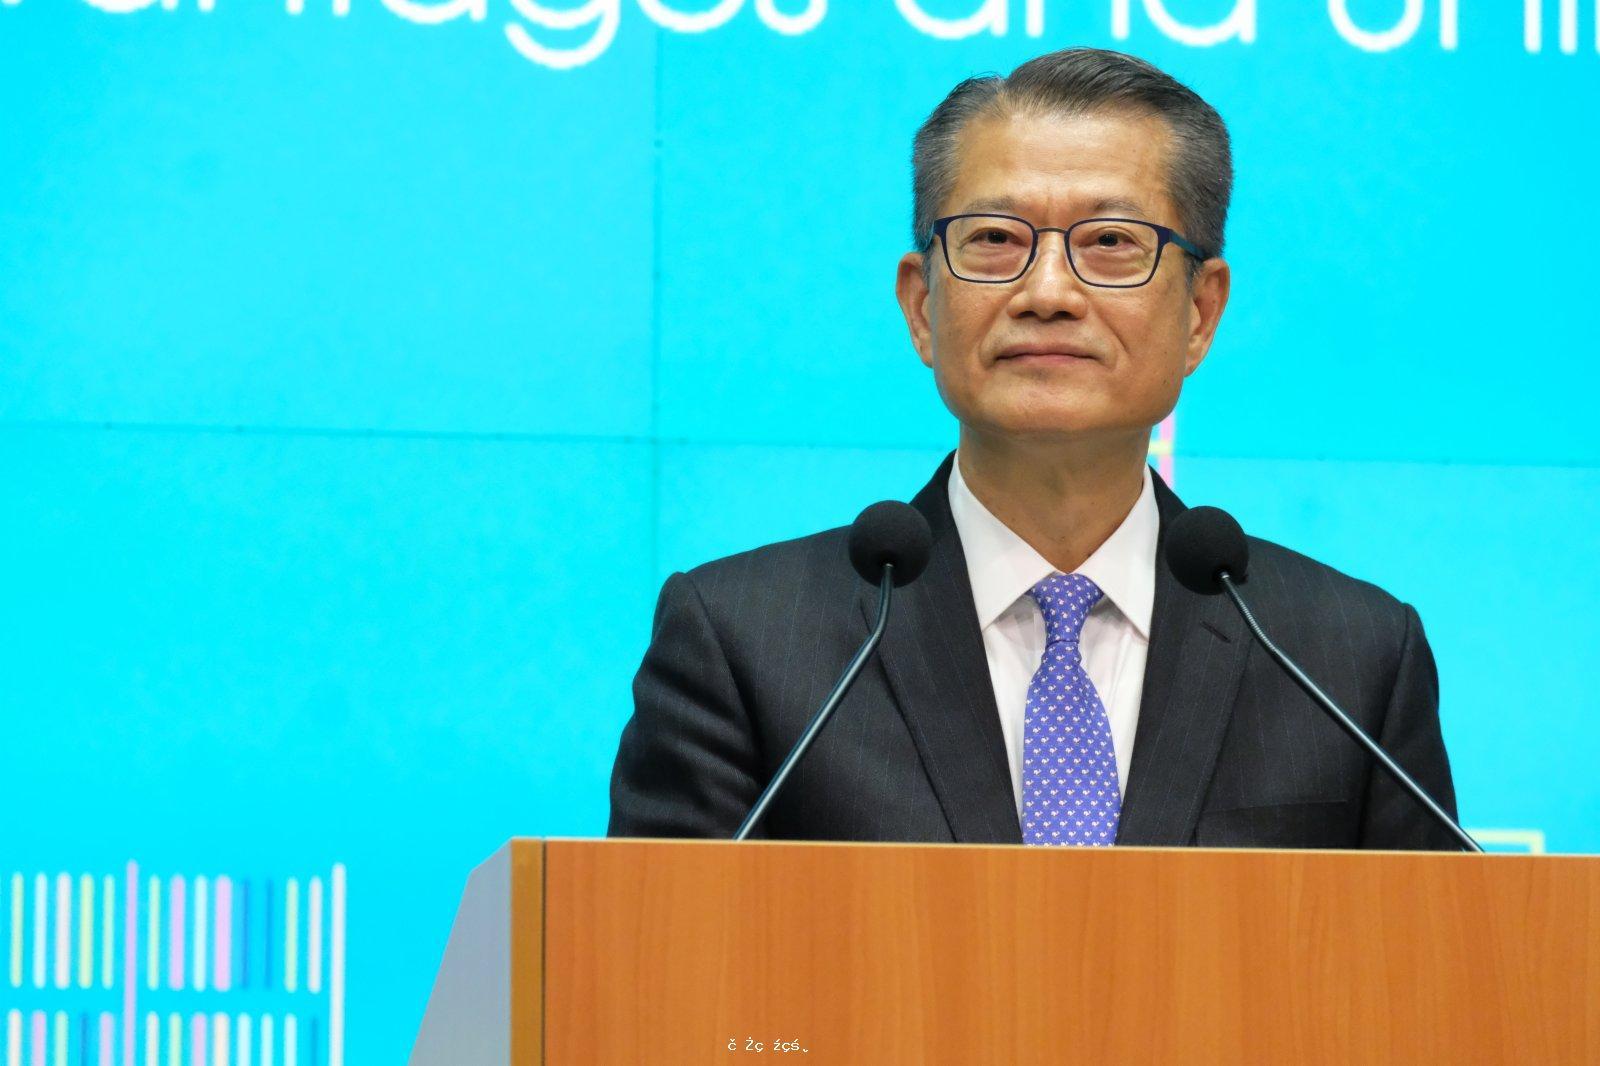 陳茂波:「南金融北創科」雙重心布局 有效配置資源營造宜居環境